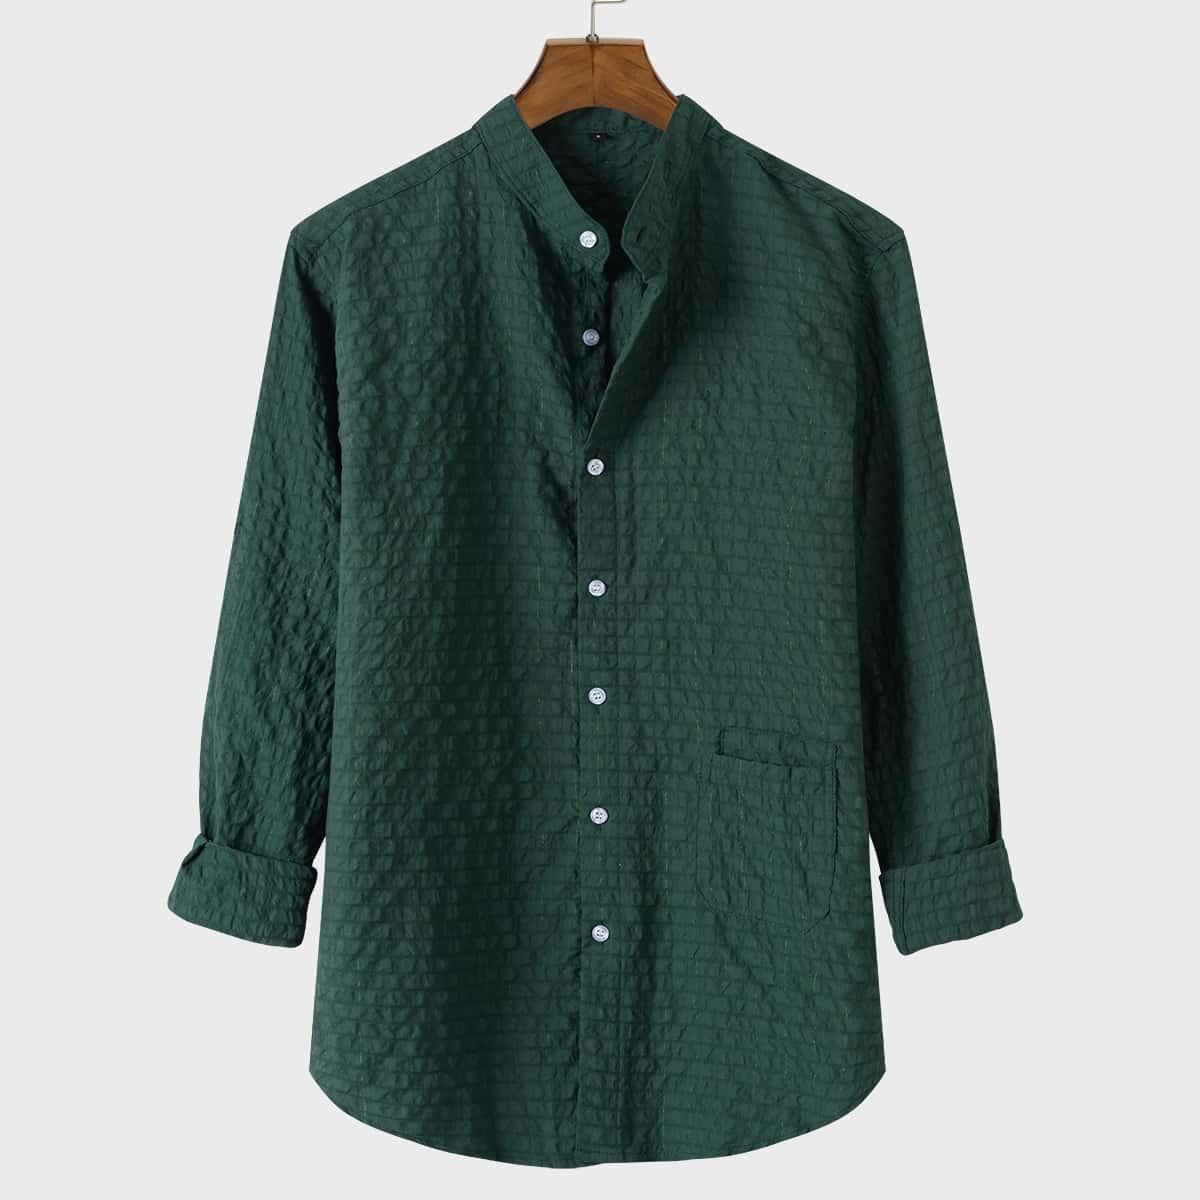 для мужчины Рубашка с карманом текстурированный на пуговицах